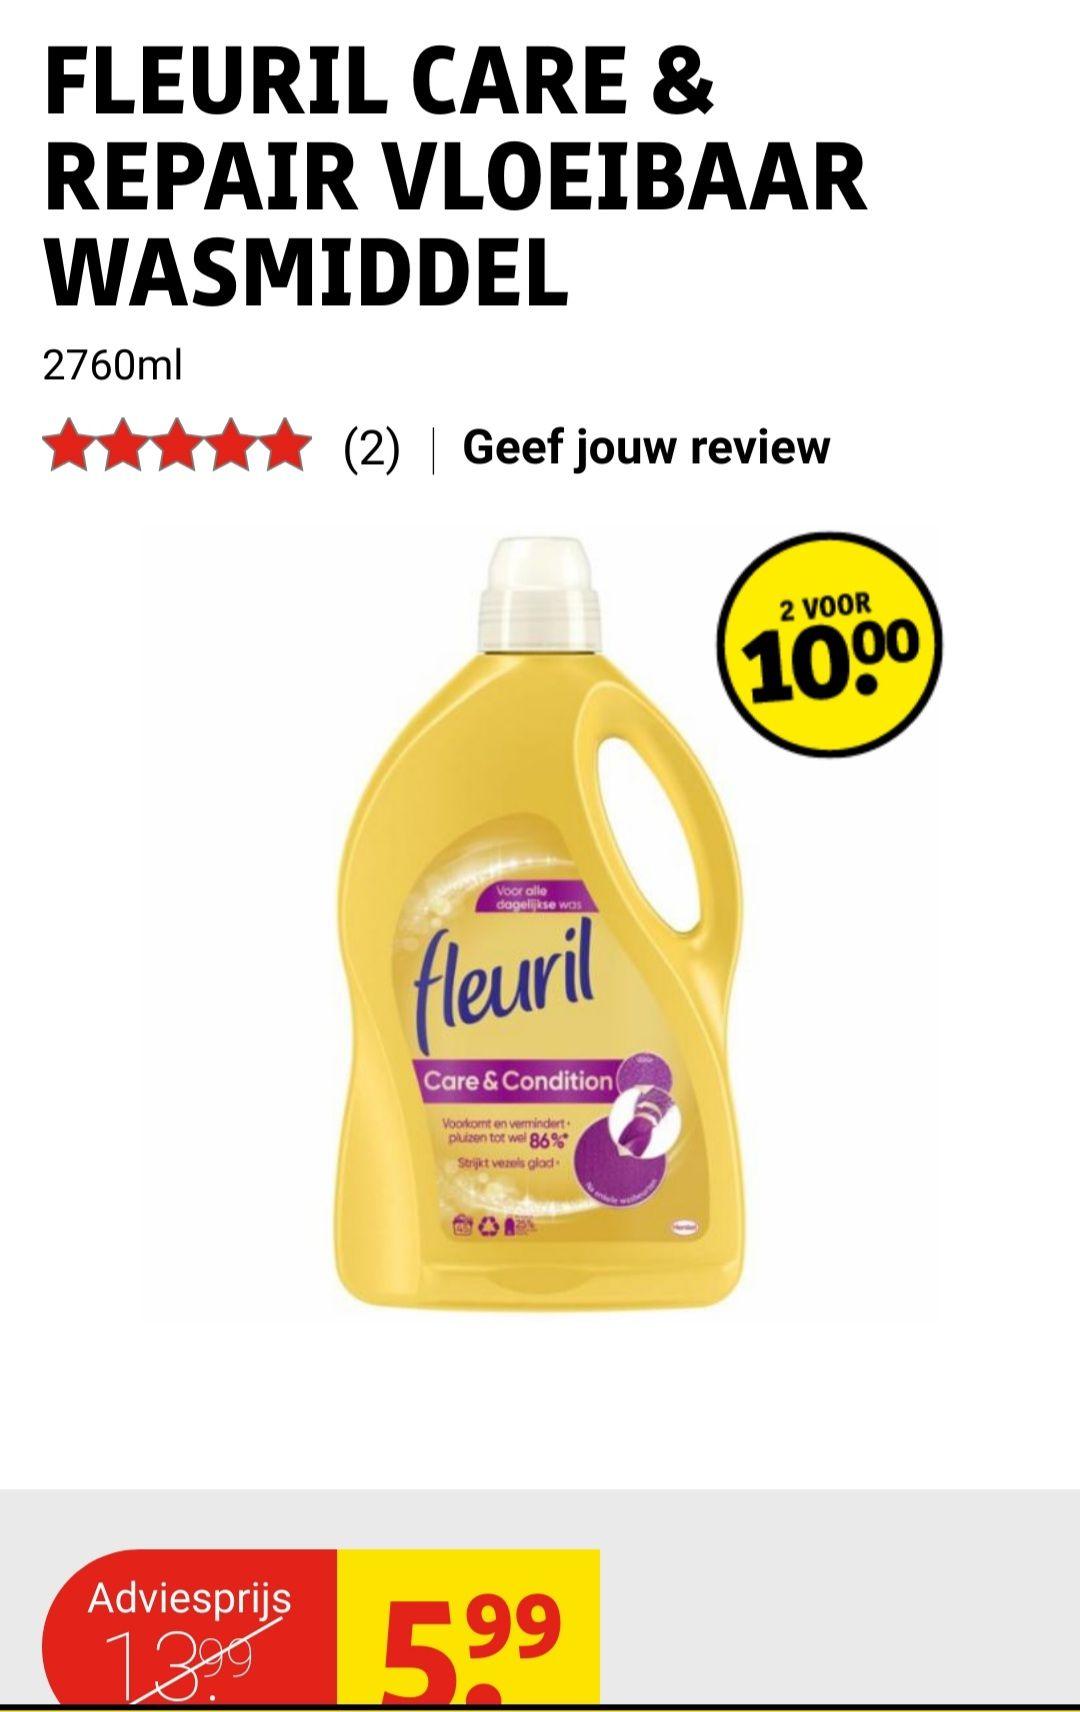 Fleuril wasmiddel 2 voor €10,-